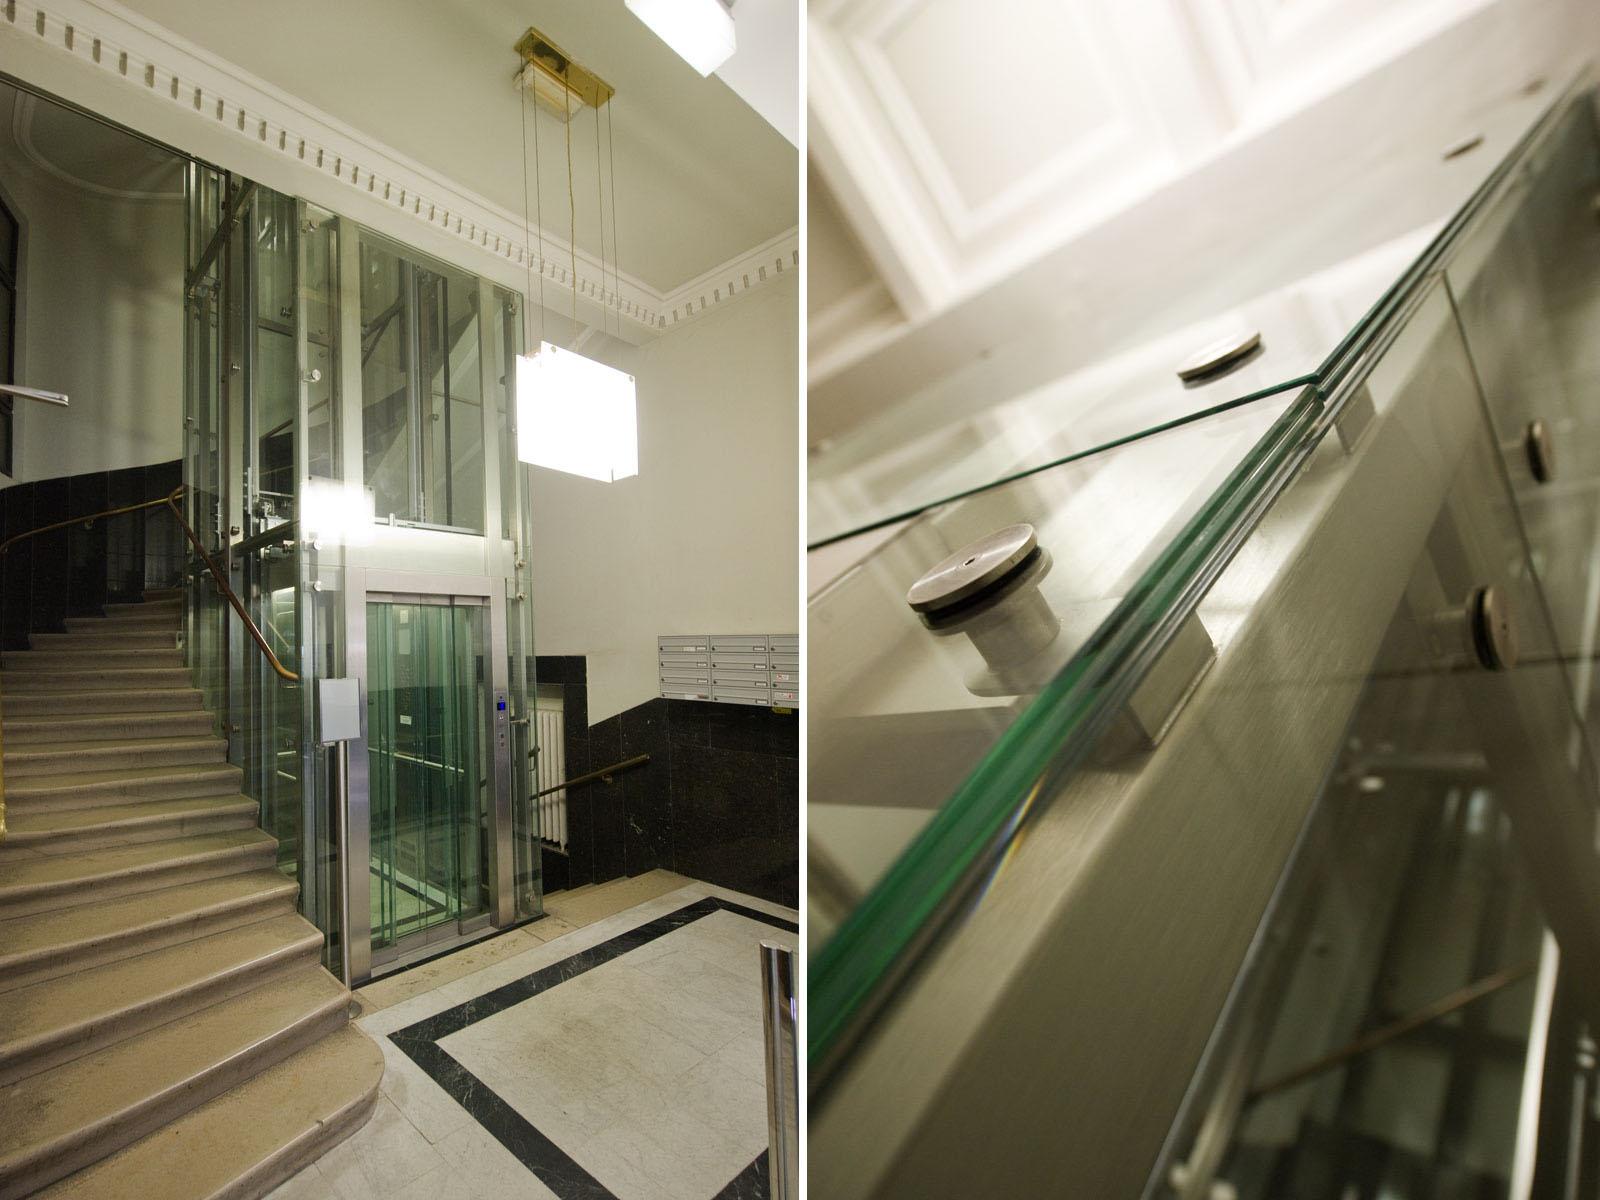 Liftkonstruktion_Niro_Nurglas_Wien